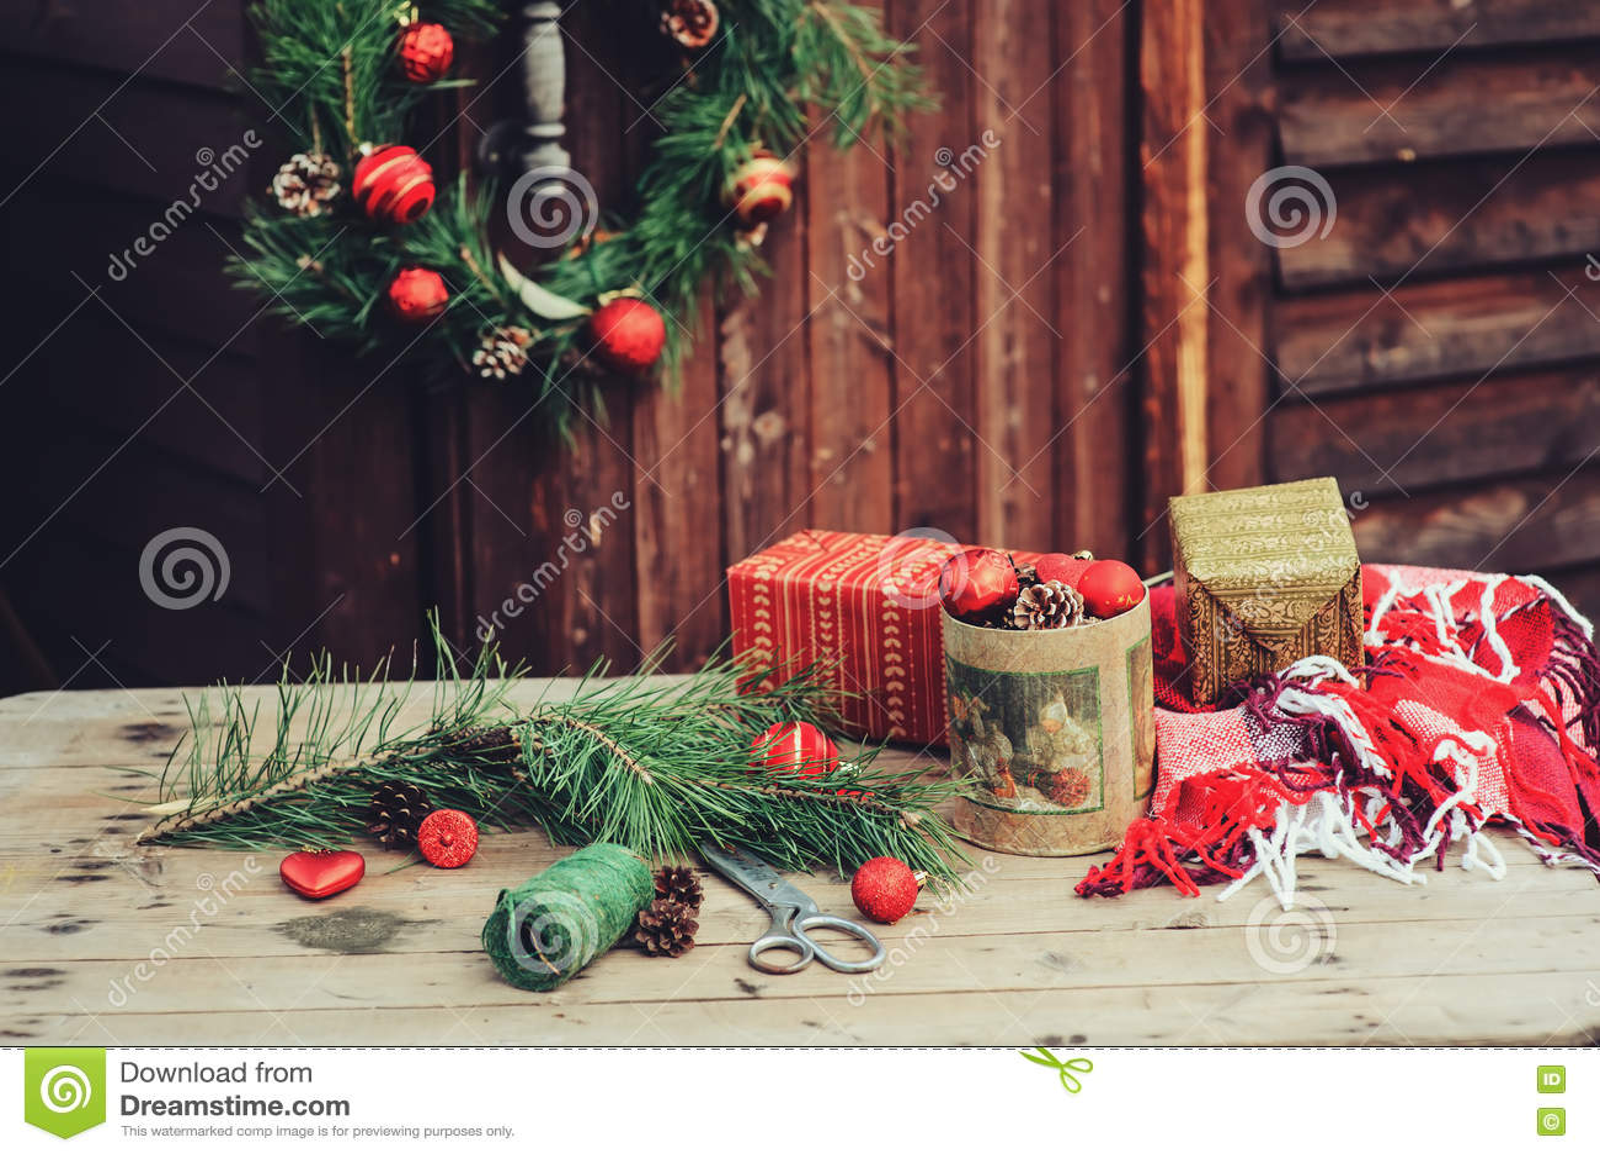 Decorazioni Per Casa Di Natale : Decorazioni d annata di natale alla casa di campagna di legno